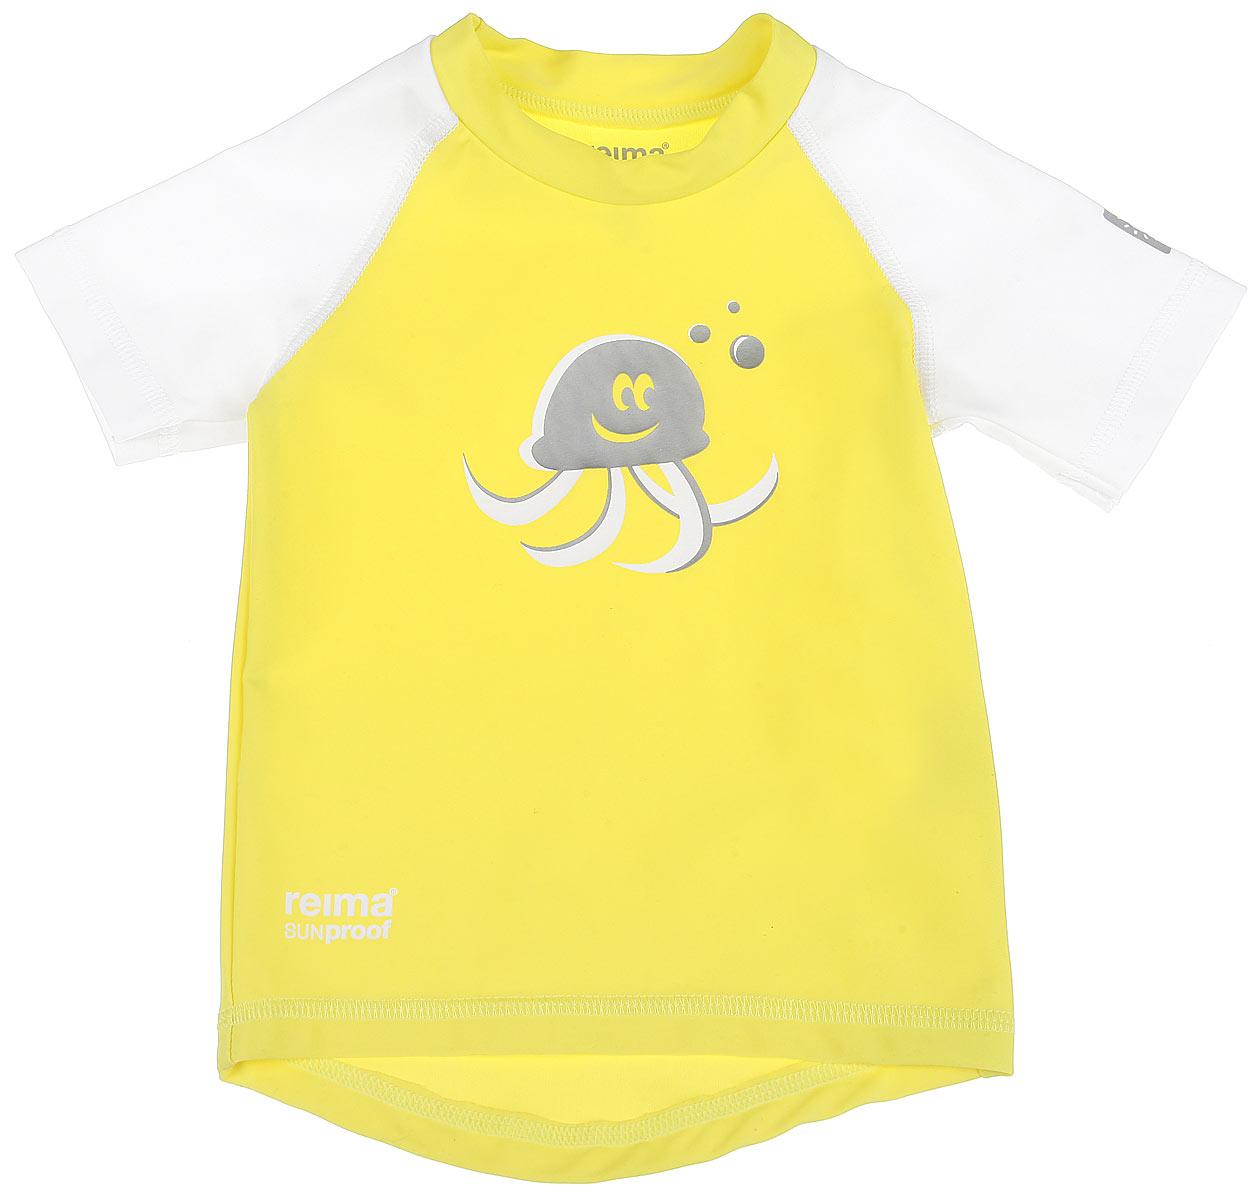 Футболка детская Reima T-Shirt, цвет: лимонный, белый. 581021-2310. Размер 62581021_2310Детская футболка Reima T-Shirt изготовлена из высококачественного быстросохнущего материала SunProof с УФ-фактором защиты 50+, который обеспечивает великолепную защиту нежной коже. Футболка предназначена для игр на солнце и в воде.Футболка с короткими рукавами-реглан и круглым вырезом горловины оформлена термоаппликацией с изображением осьминога. Спинка модели удлинена, что обеспечивает защиту, как в воде, так и на песке. Такая футболка, несомненно, понравится вашему ребенку и послужит отличным дополнением к детскому гардеробу!